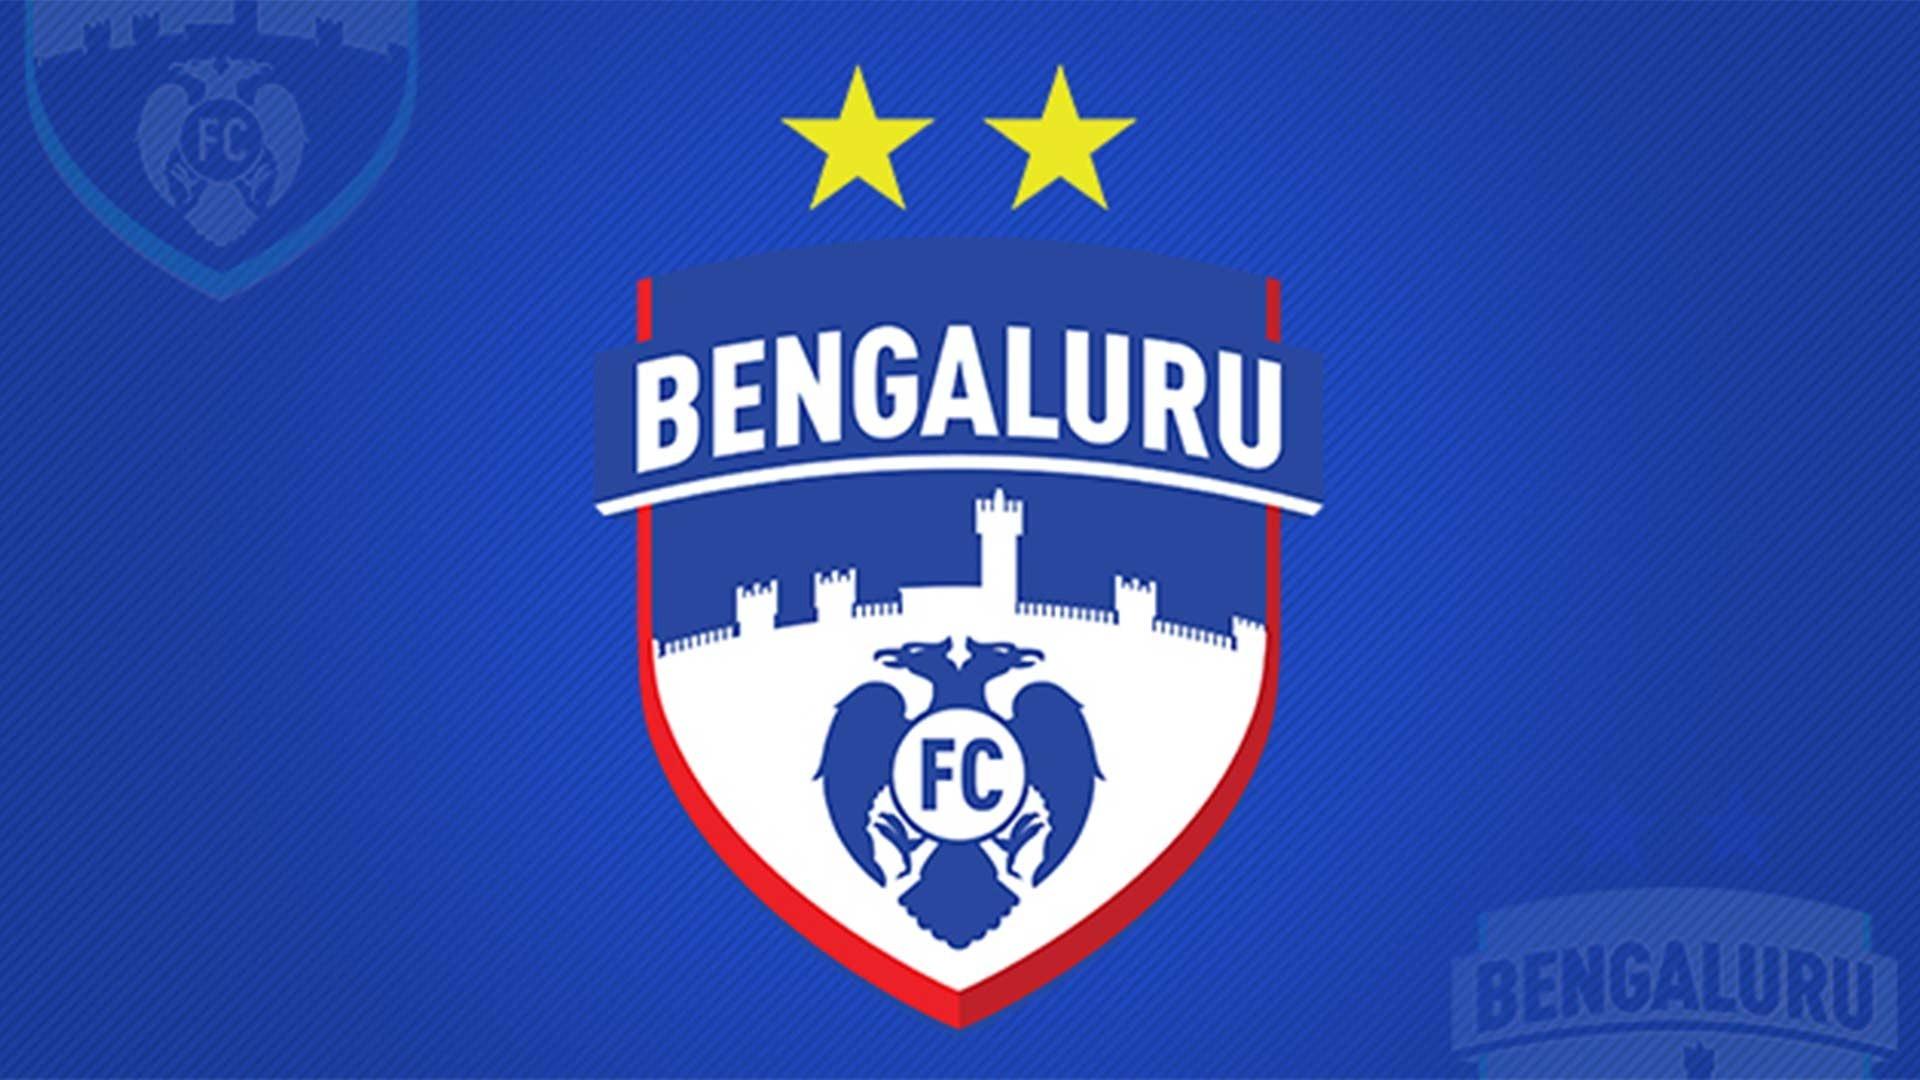 बेंगलुरू के लिए तुरूप का इक्का साबित हुए भारतीय खिलाड़ी